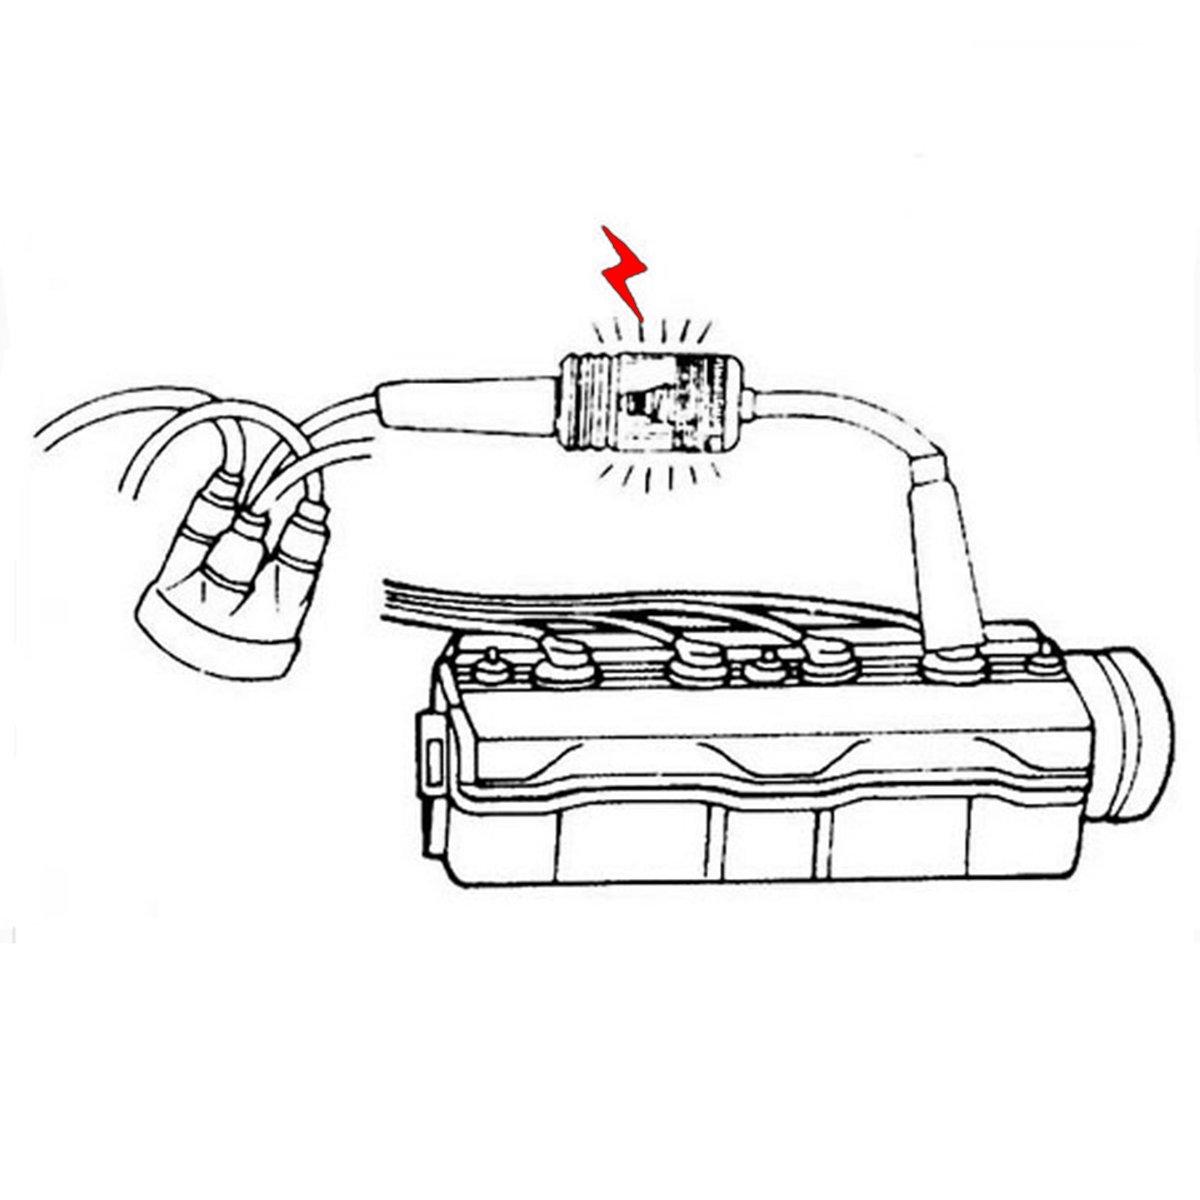 cortac/ésped para autom/óviles motores internos y externos peque/ños y grandes herramienta de diagn/óstico de bobina de recogida//armadura Comprobador de buj/ía de encendido del motor en l/ínea